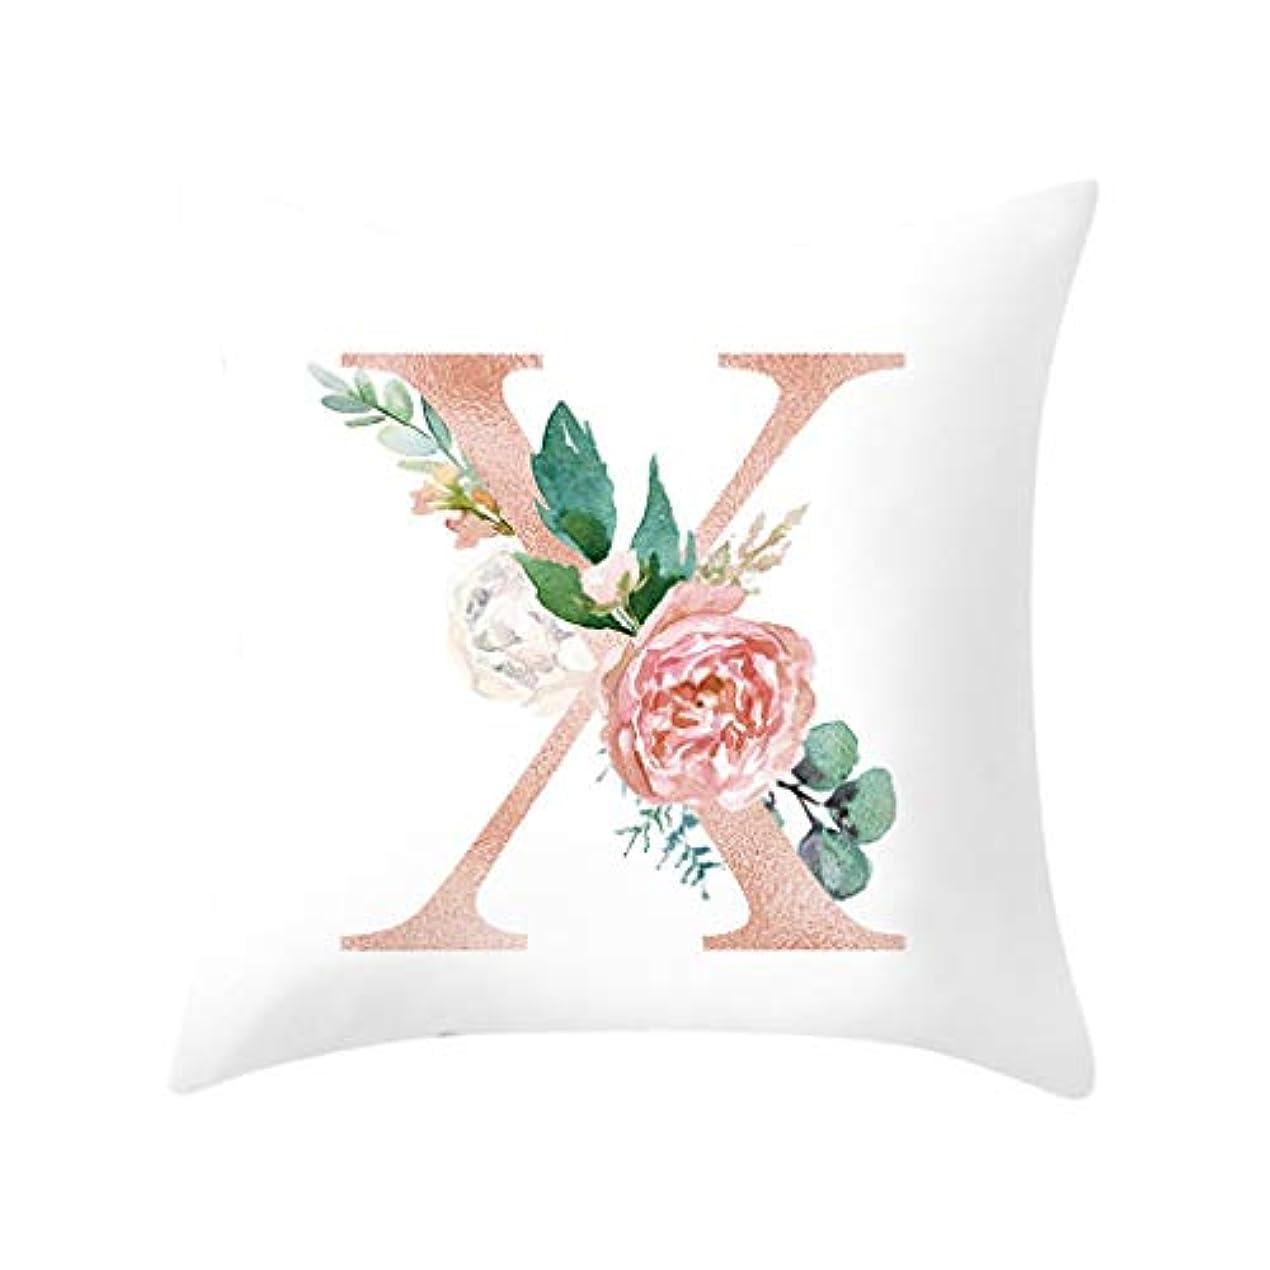 ラジカル暖炉好ましいLIFE 装飾クッションソファ手紙枕アルファベットクッション印刷ソファ家の装飾の花枕 coussin decoratif クッション 椅子